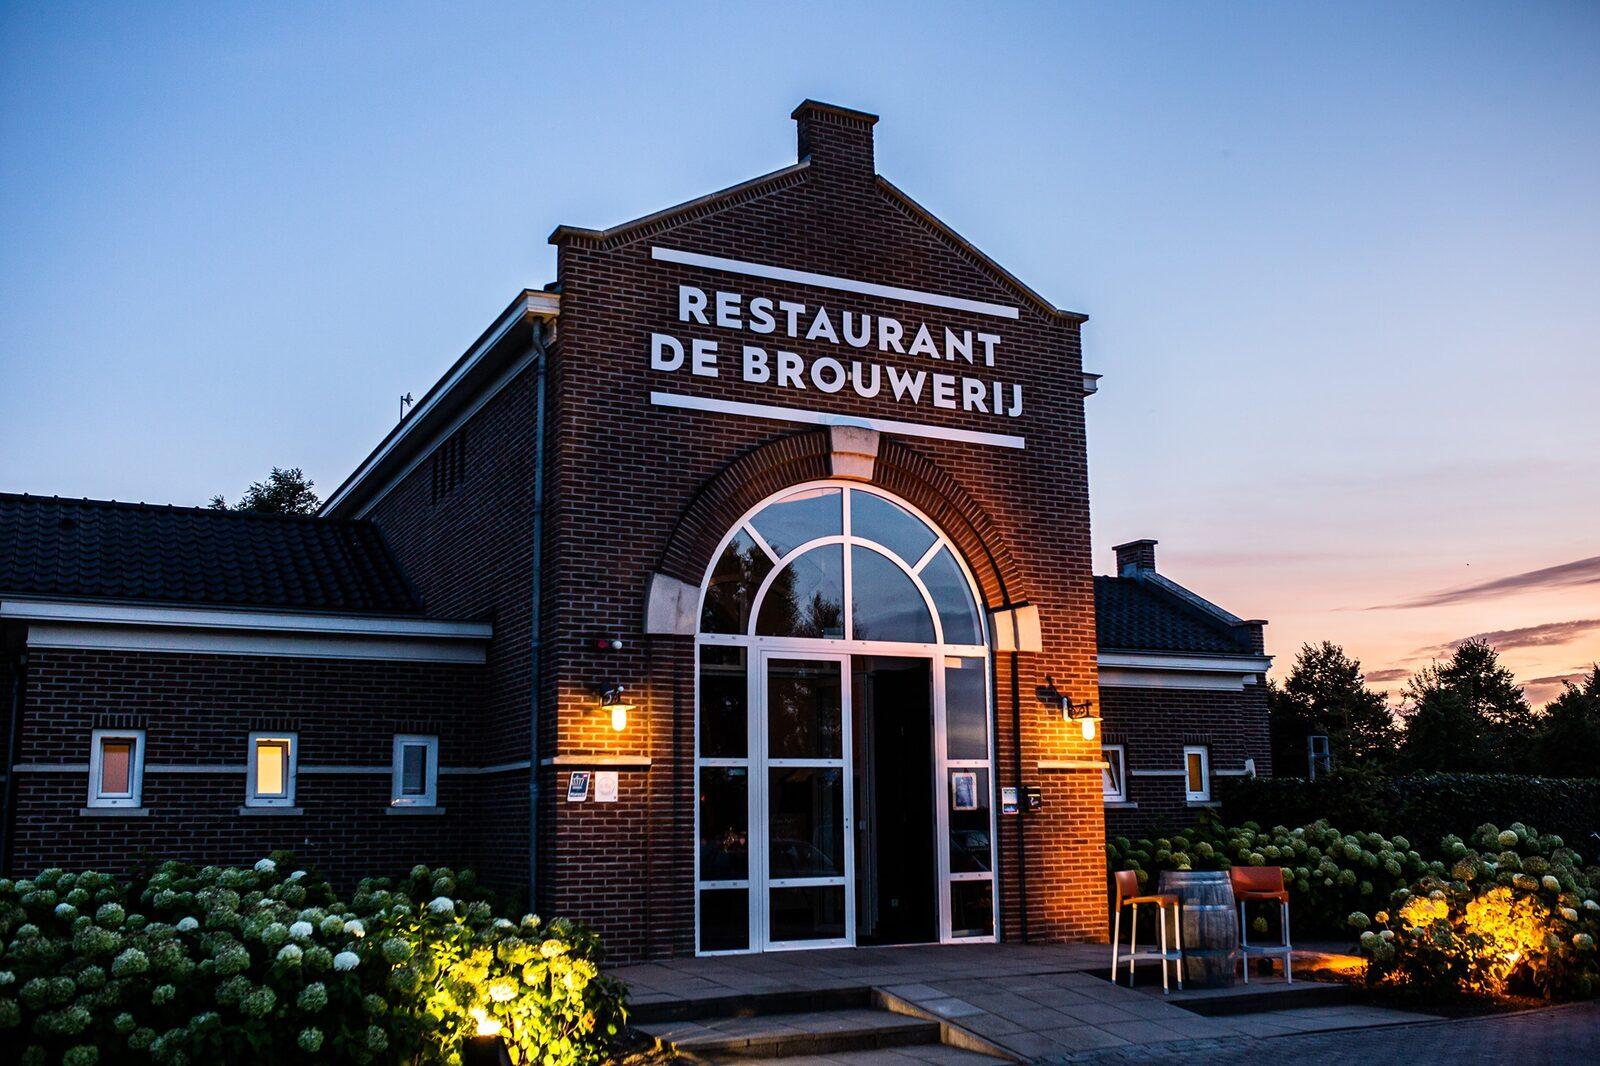 Restaurant De Brouwerij